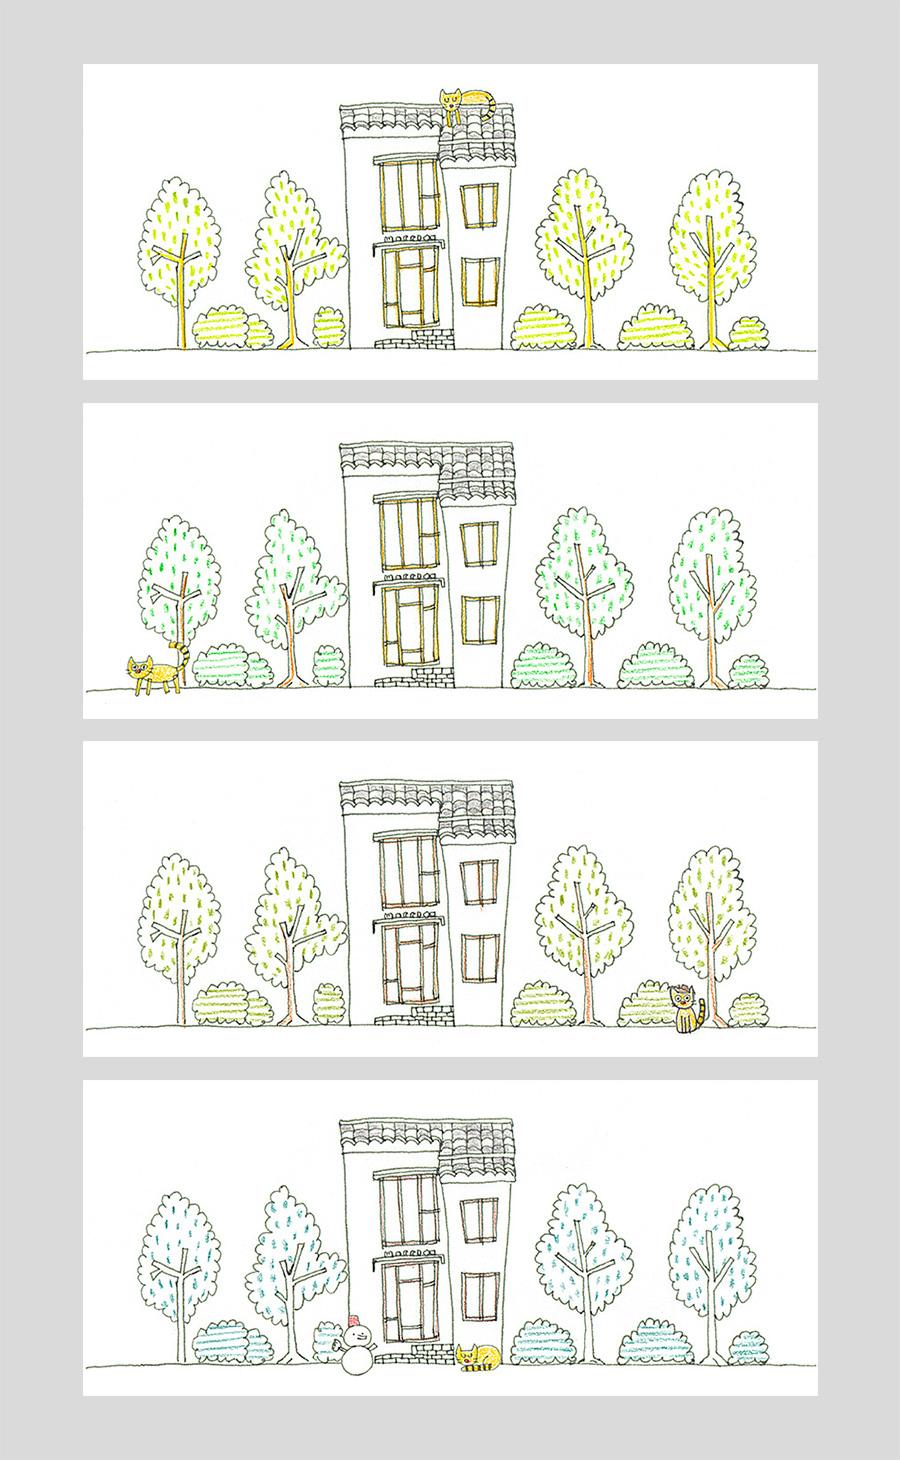 美容室のホームページデザイン